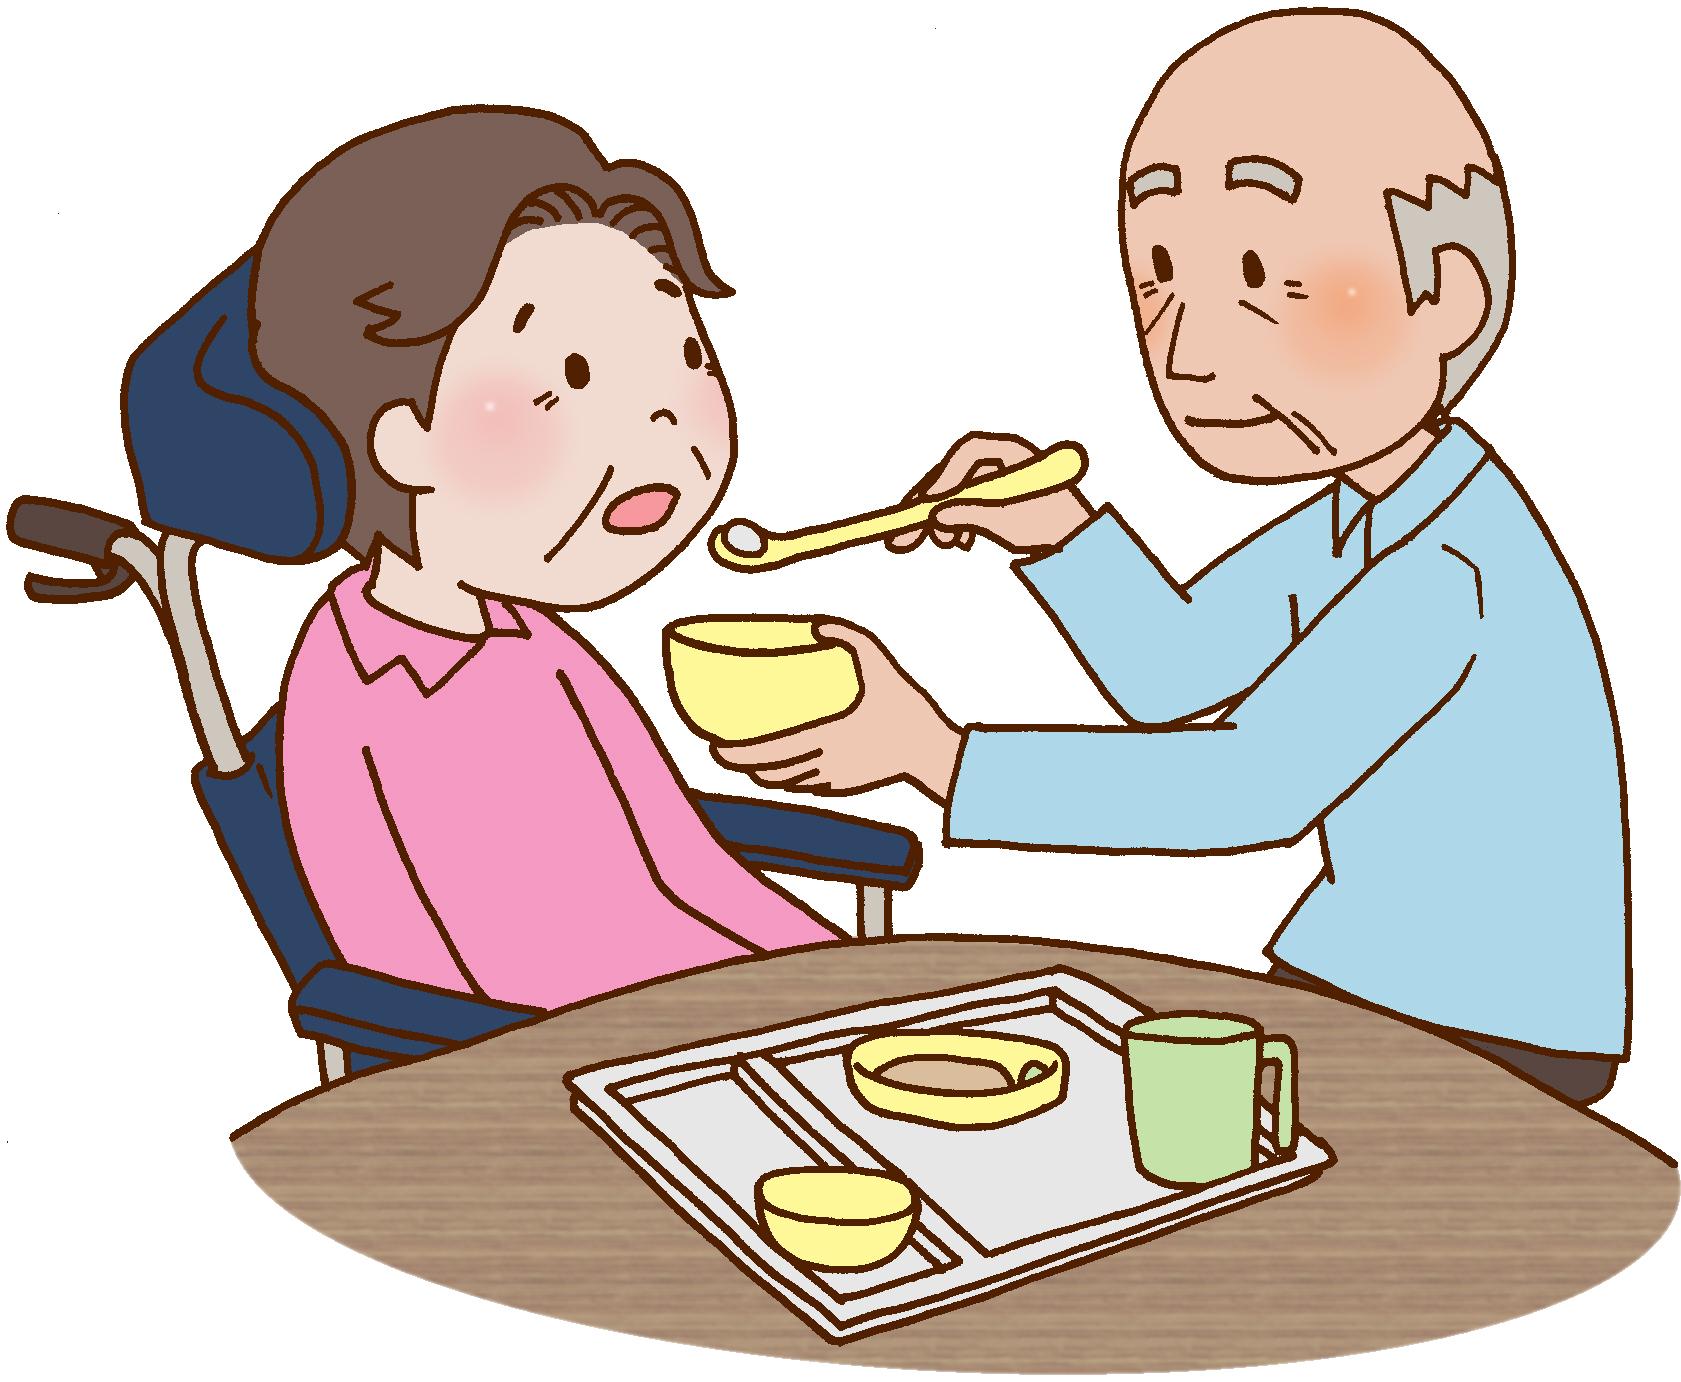 認知症の人が食事をしない場合、どんな理由があるのか